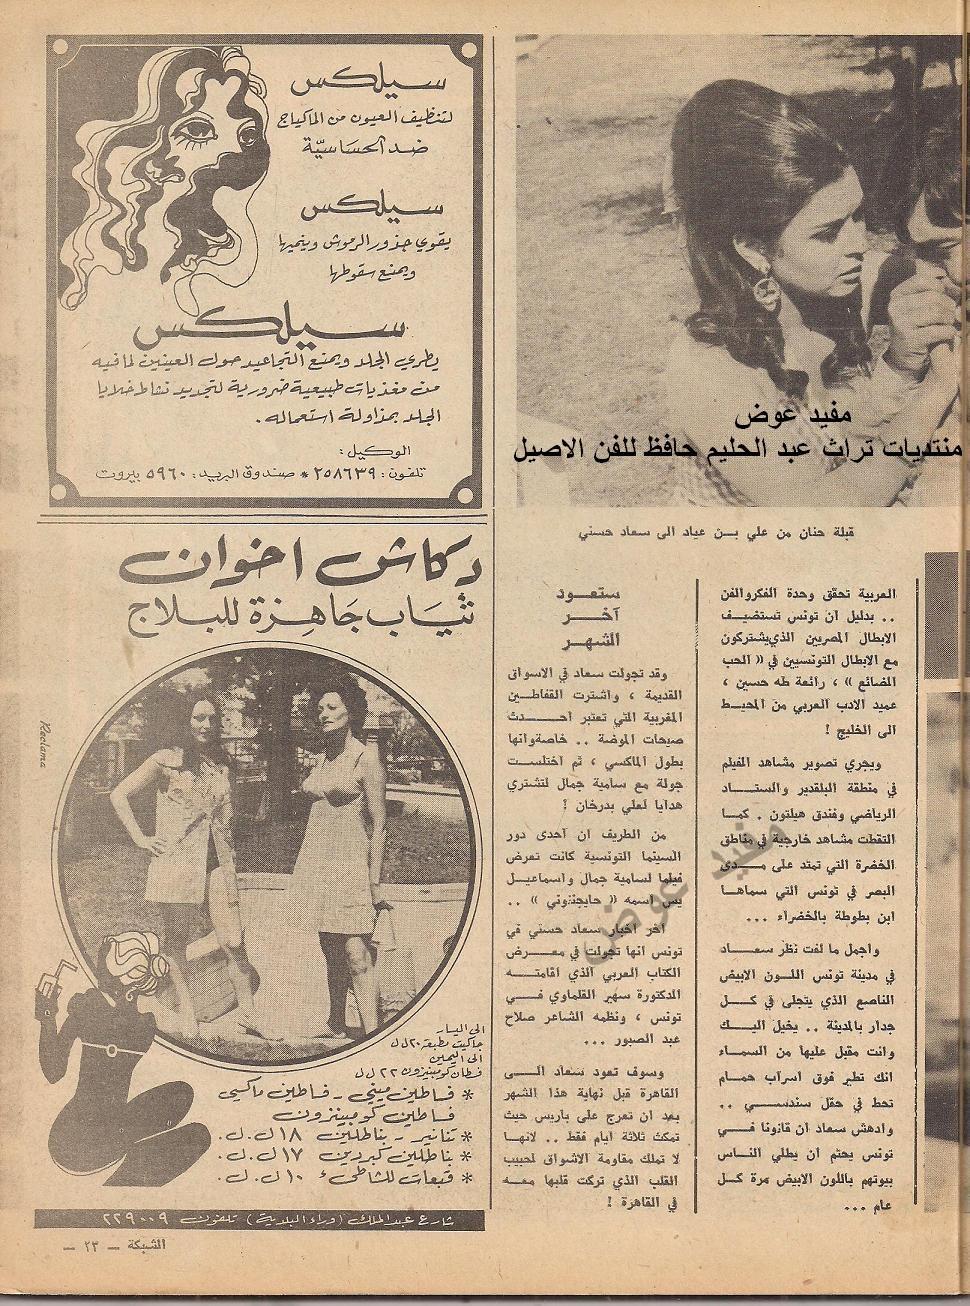 مقال - مقال صحفي : سعاد حسني في تونس والقلب في القاهرة 1970 م 25gtbgz